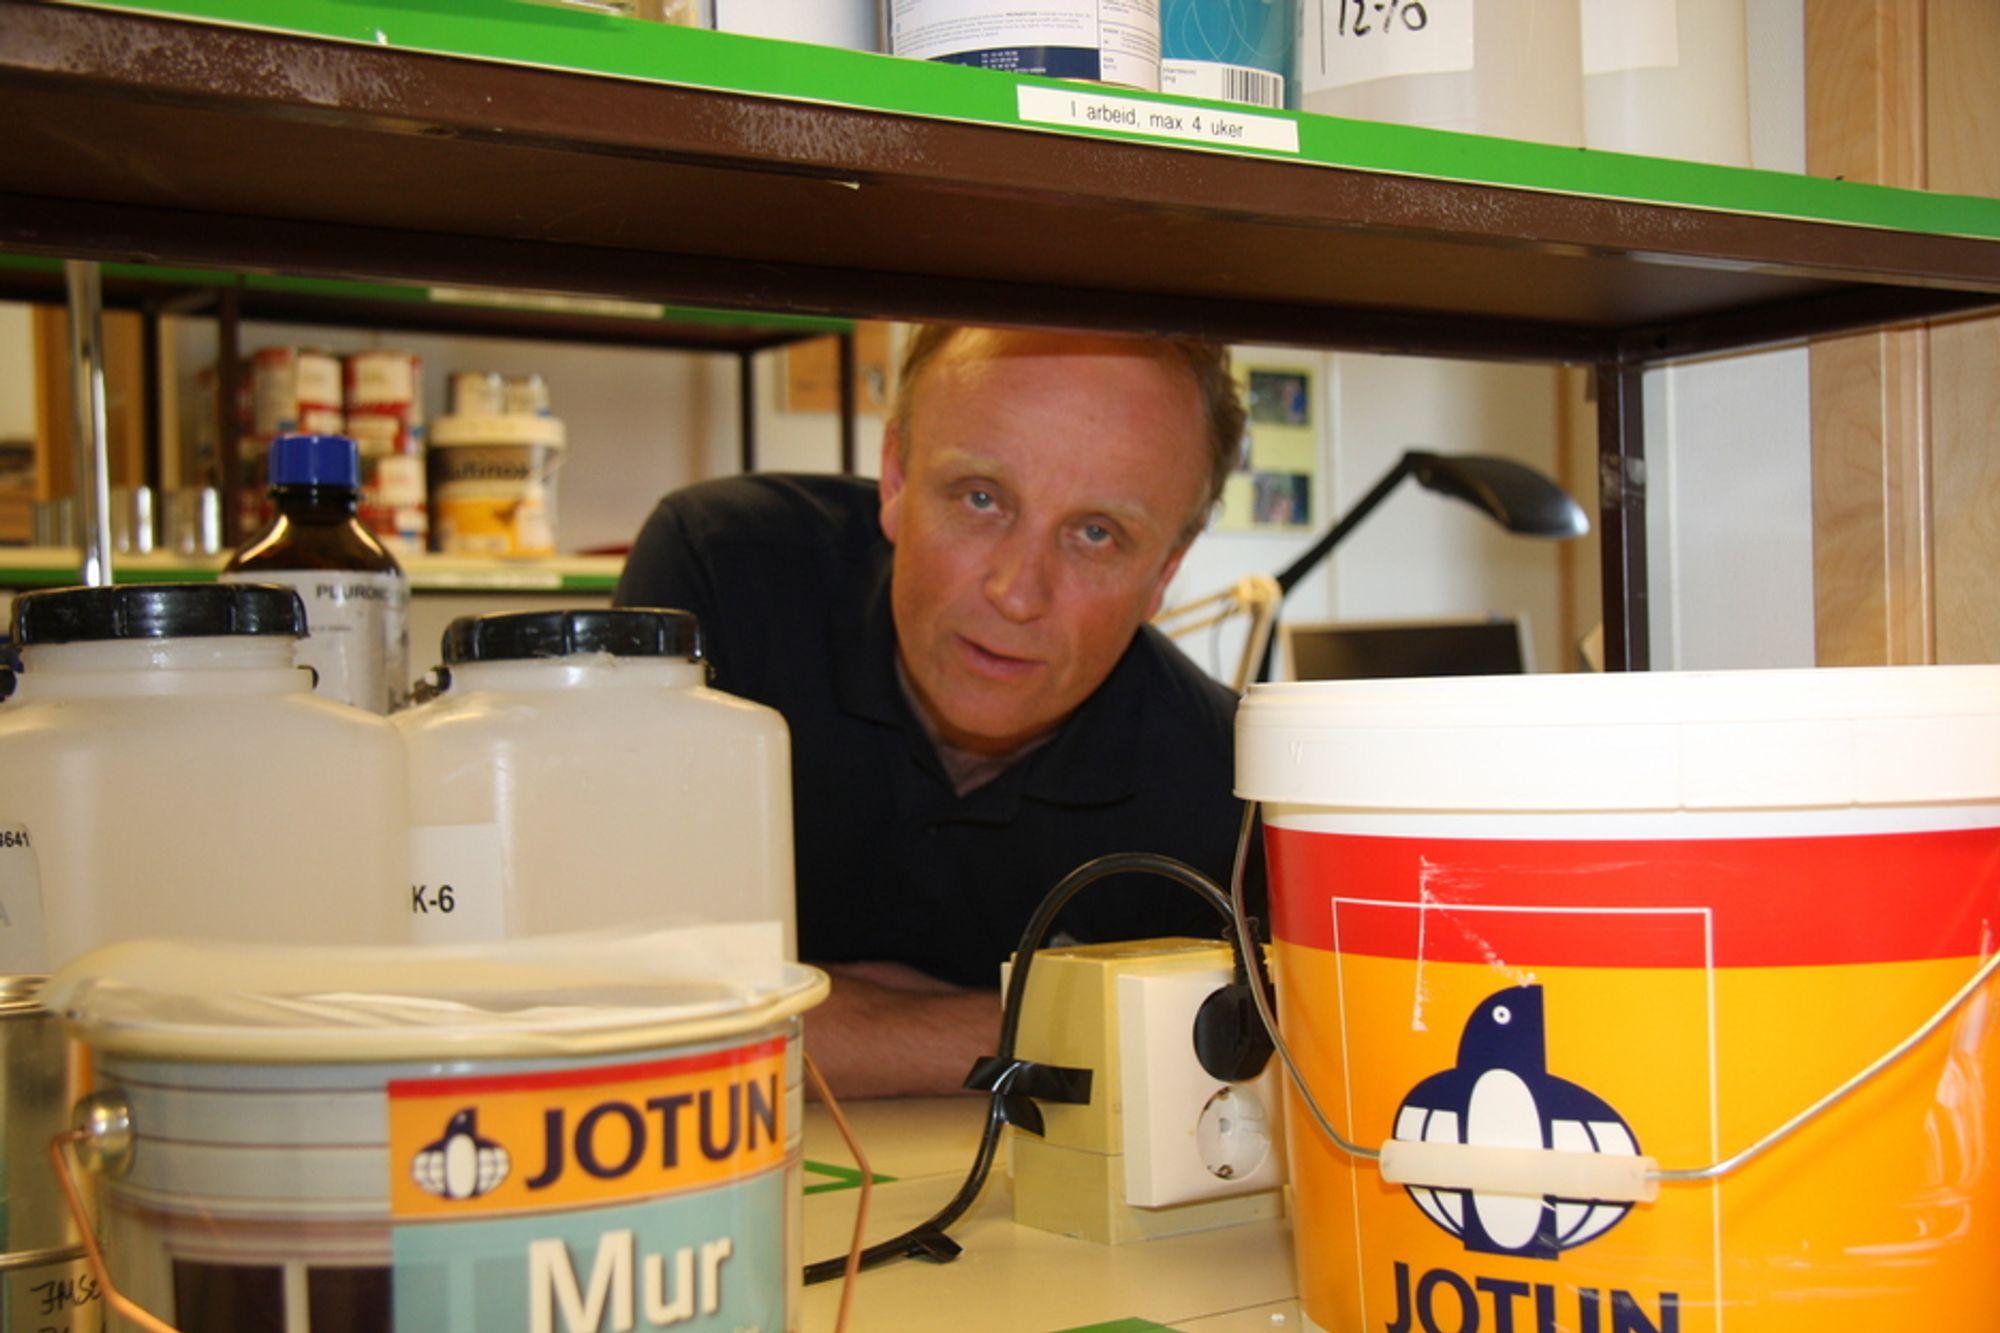 ALDRI MER: FoU-direktør Bent Haflan i Jotun sier det er 30 år siden selskapet sluttet med ftalater.